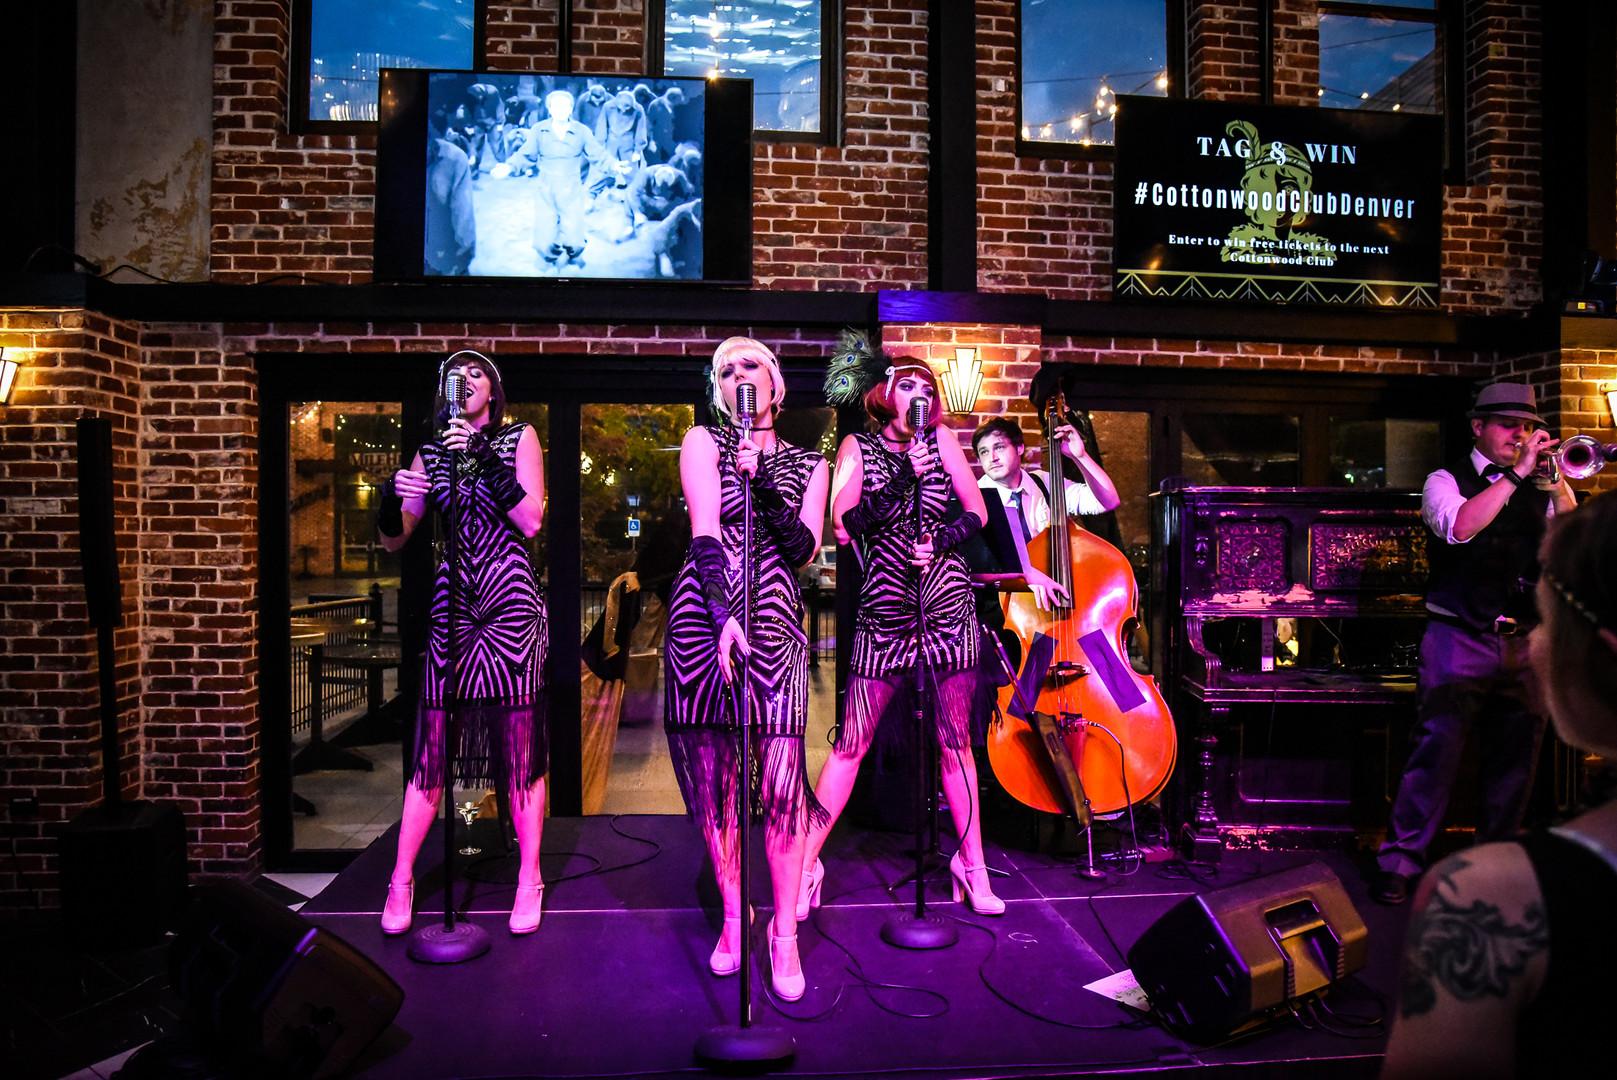 Speakeasy, band, jazz band, Gatsby, #cot